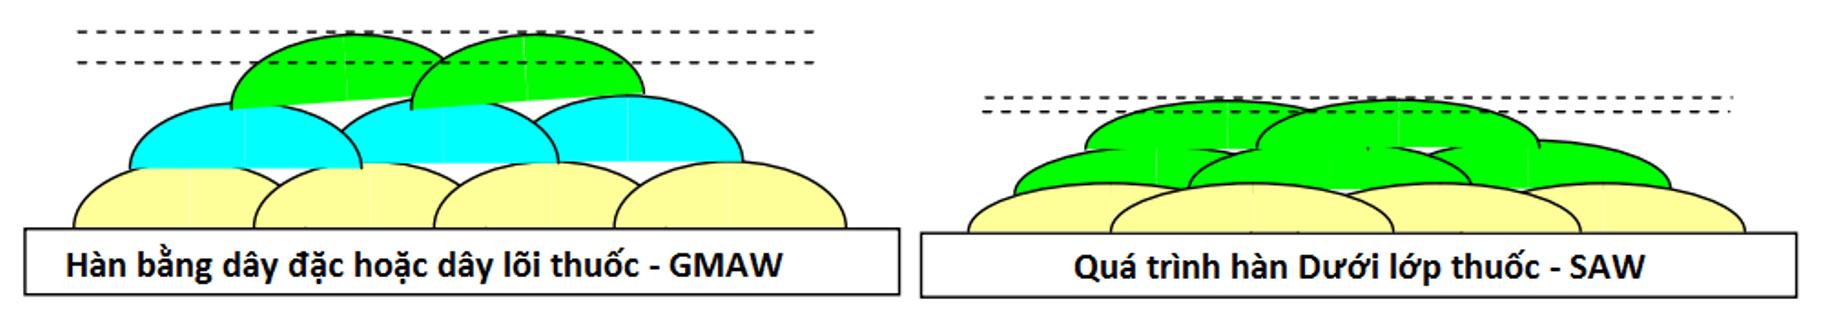 So sánh về chiều cao mối hàn giữa SAW và GMAW